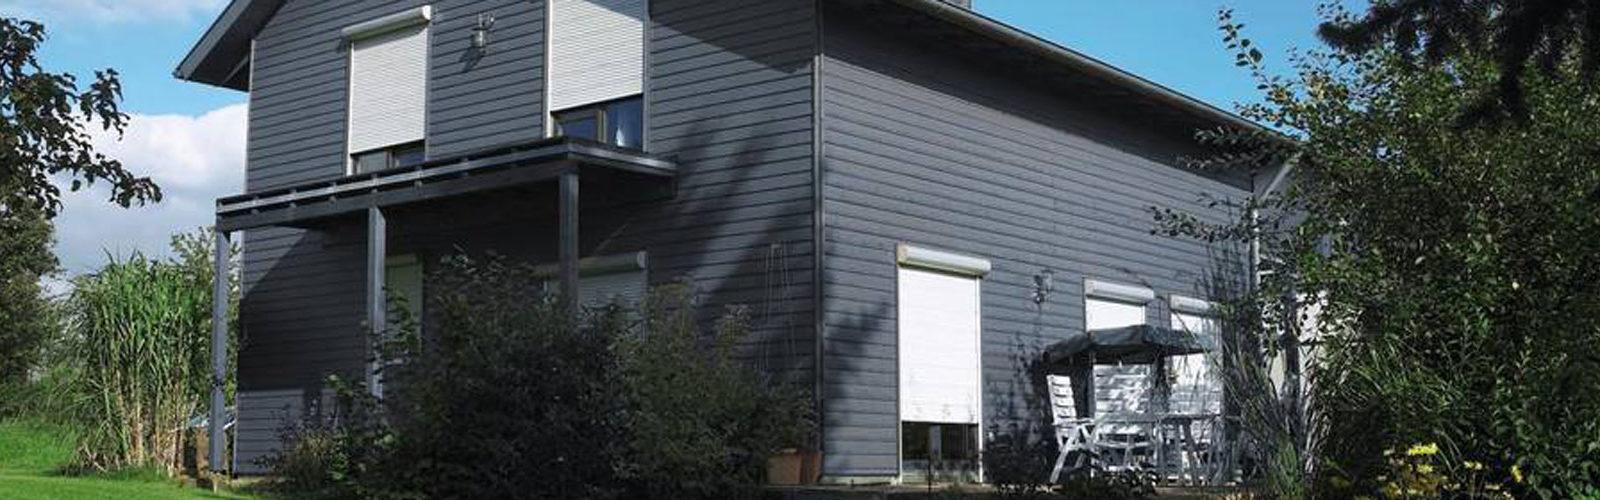 rollladenk sten f r rollladen und raffstoren kobe fenster t ren sonnenschutz gmbh. Black Bedroom Furniture Sets. Home Design Ideas